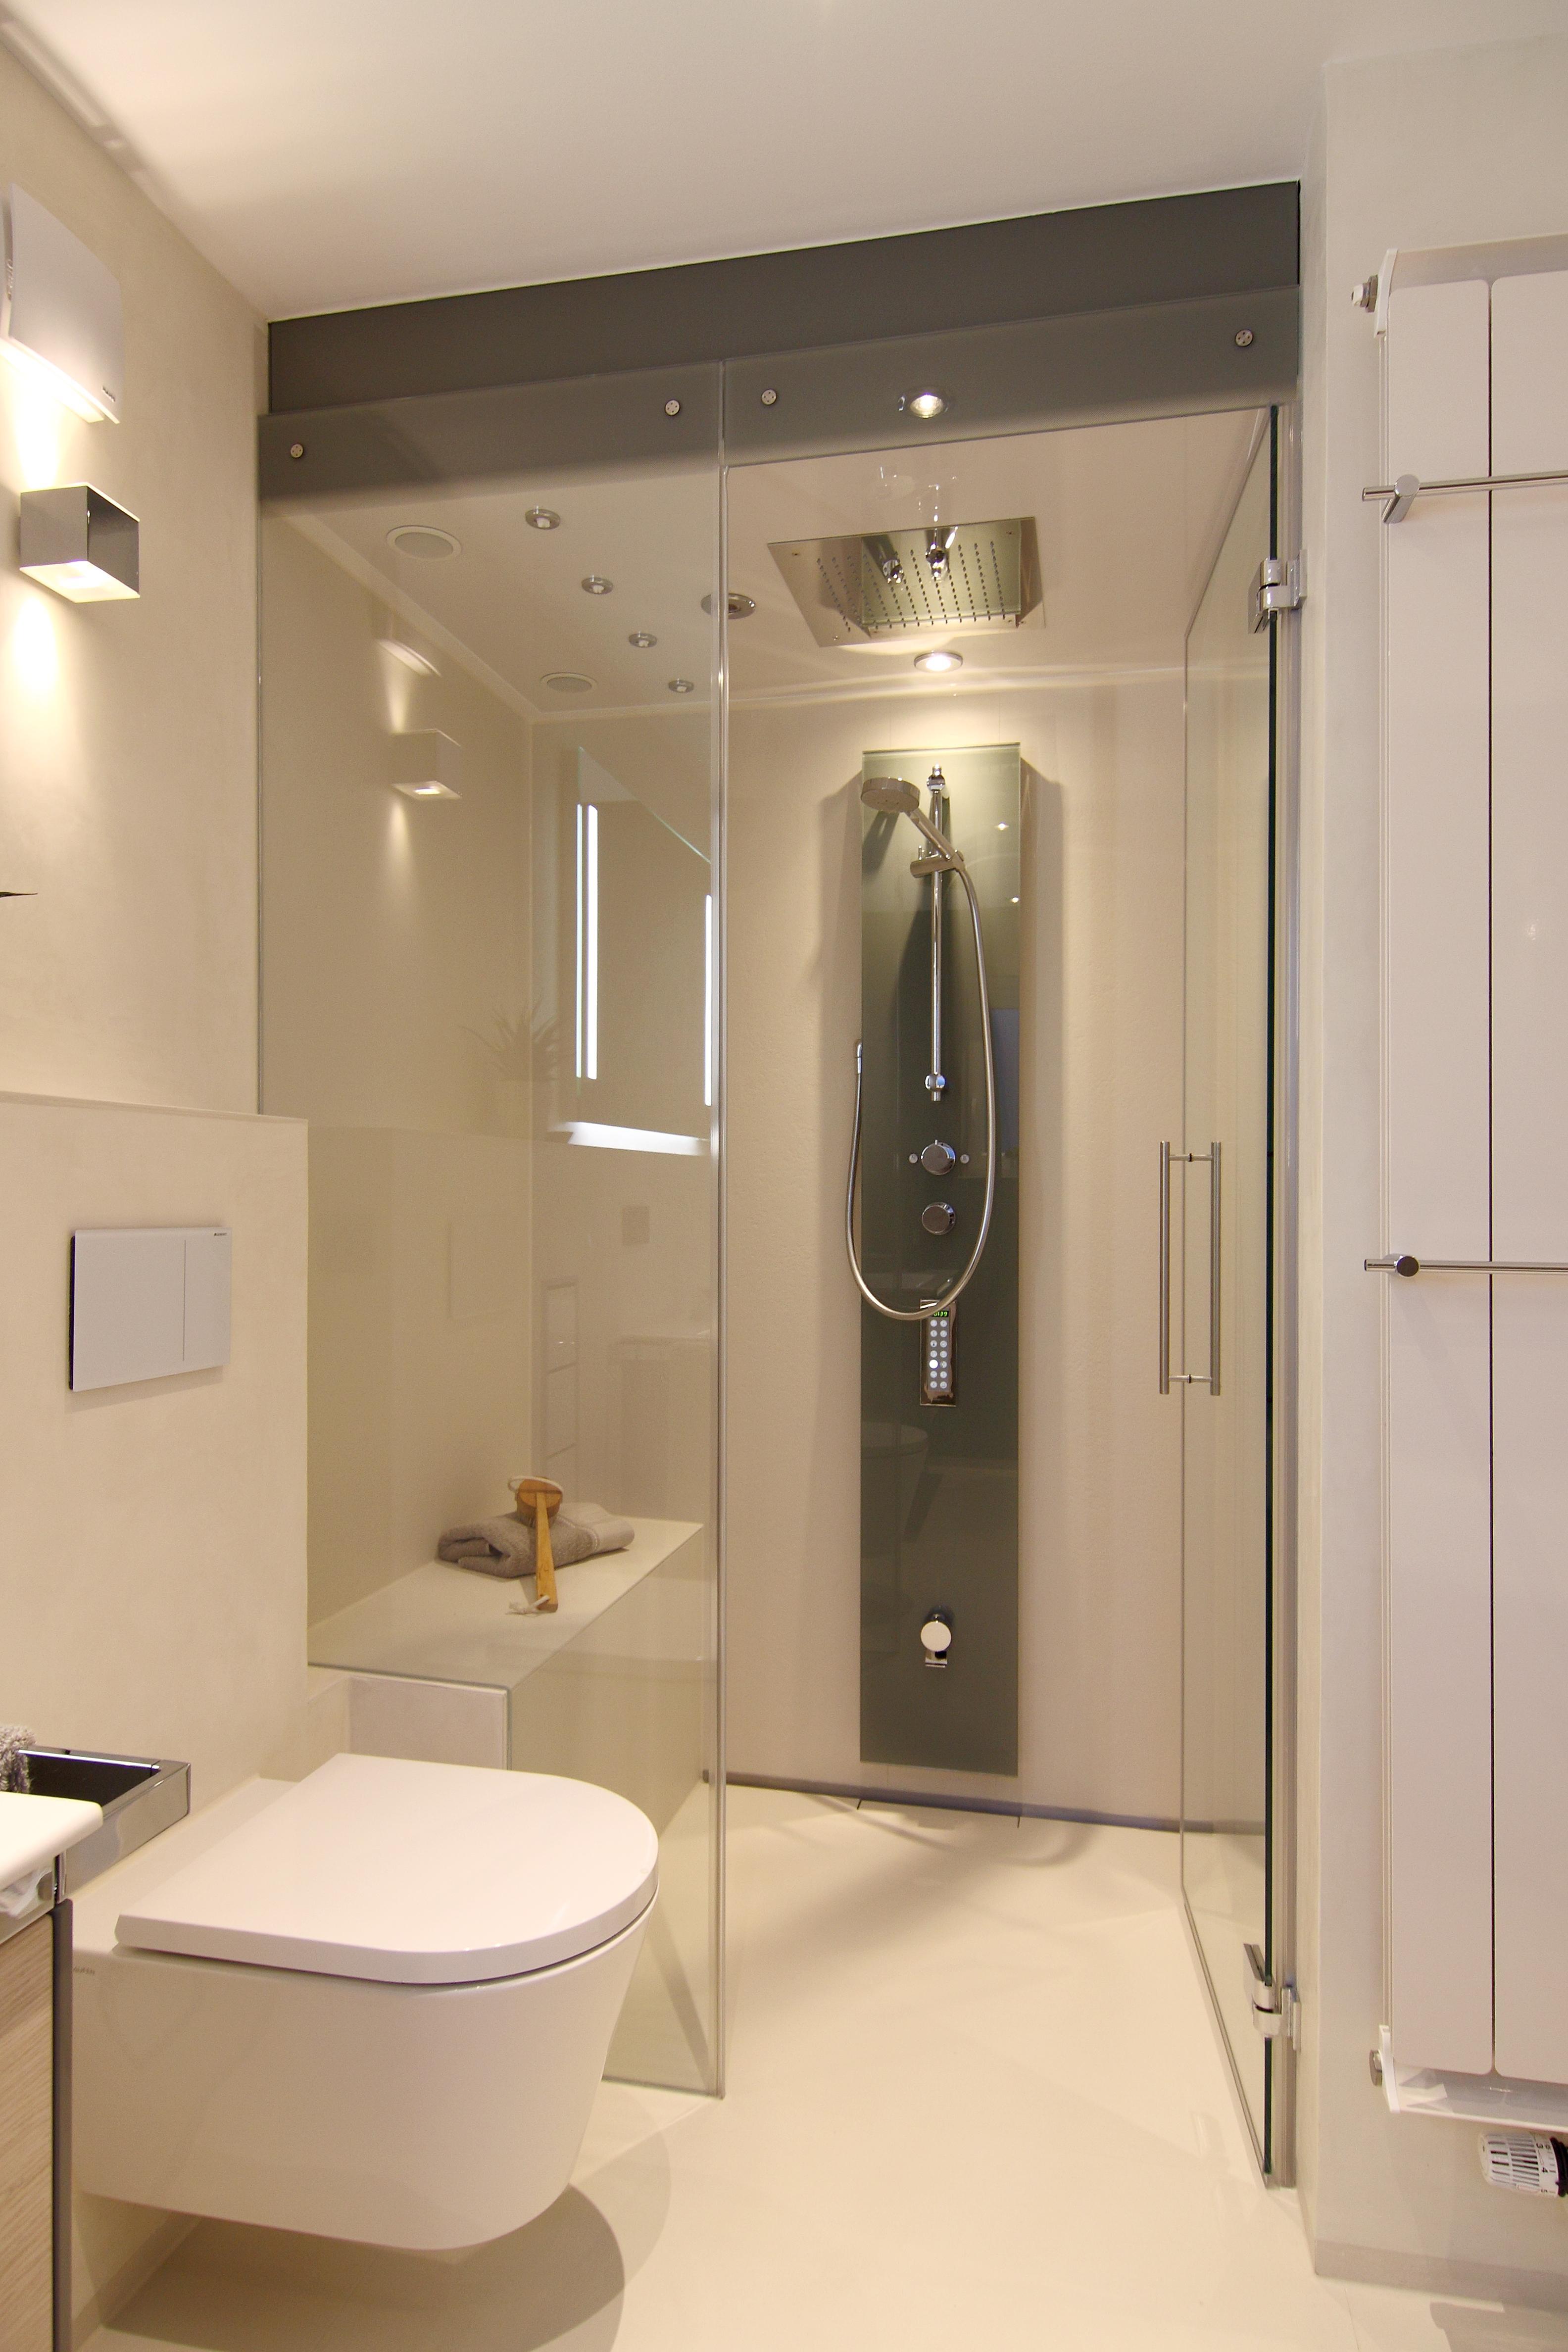 #bestebadstudios #badezimmer #bad #wc #dusche #modernesbadezimmer  #badsanierung